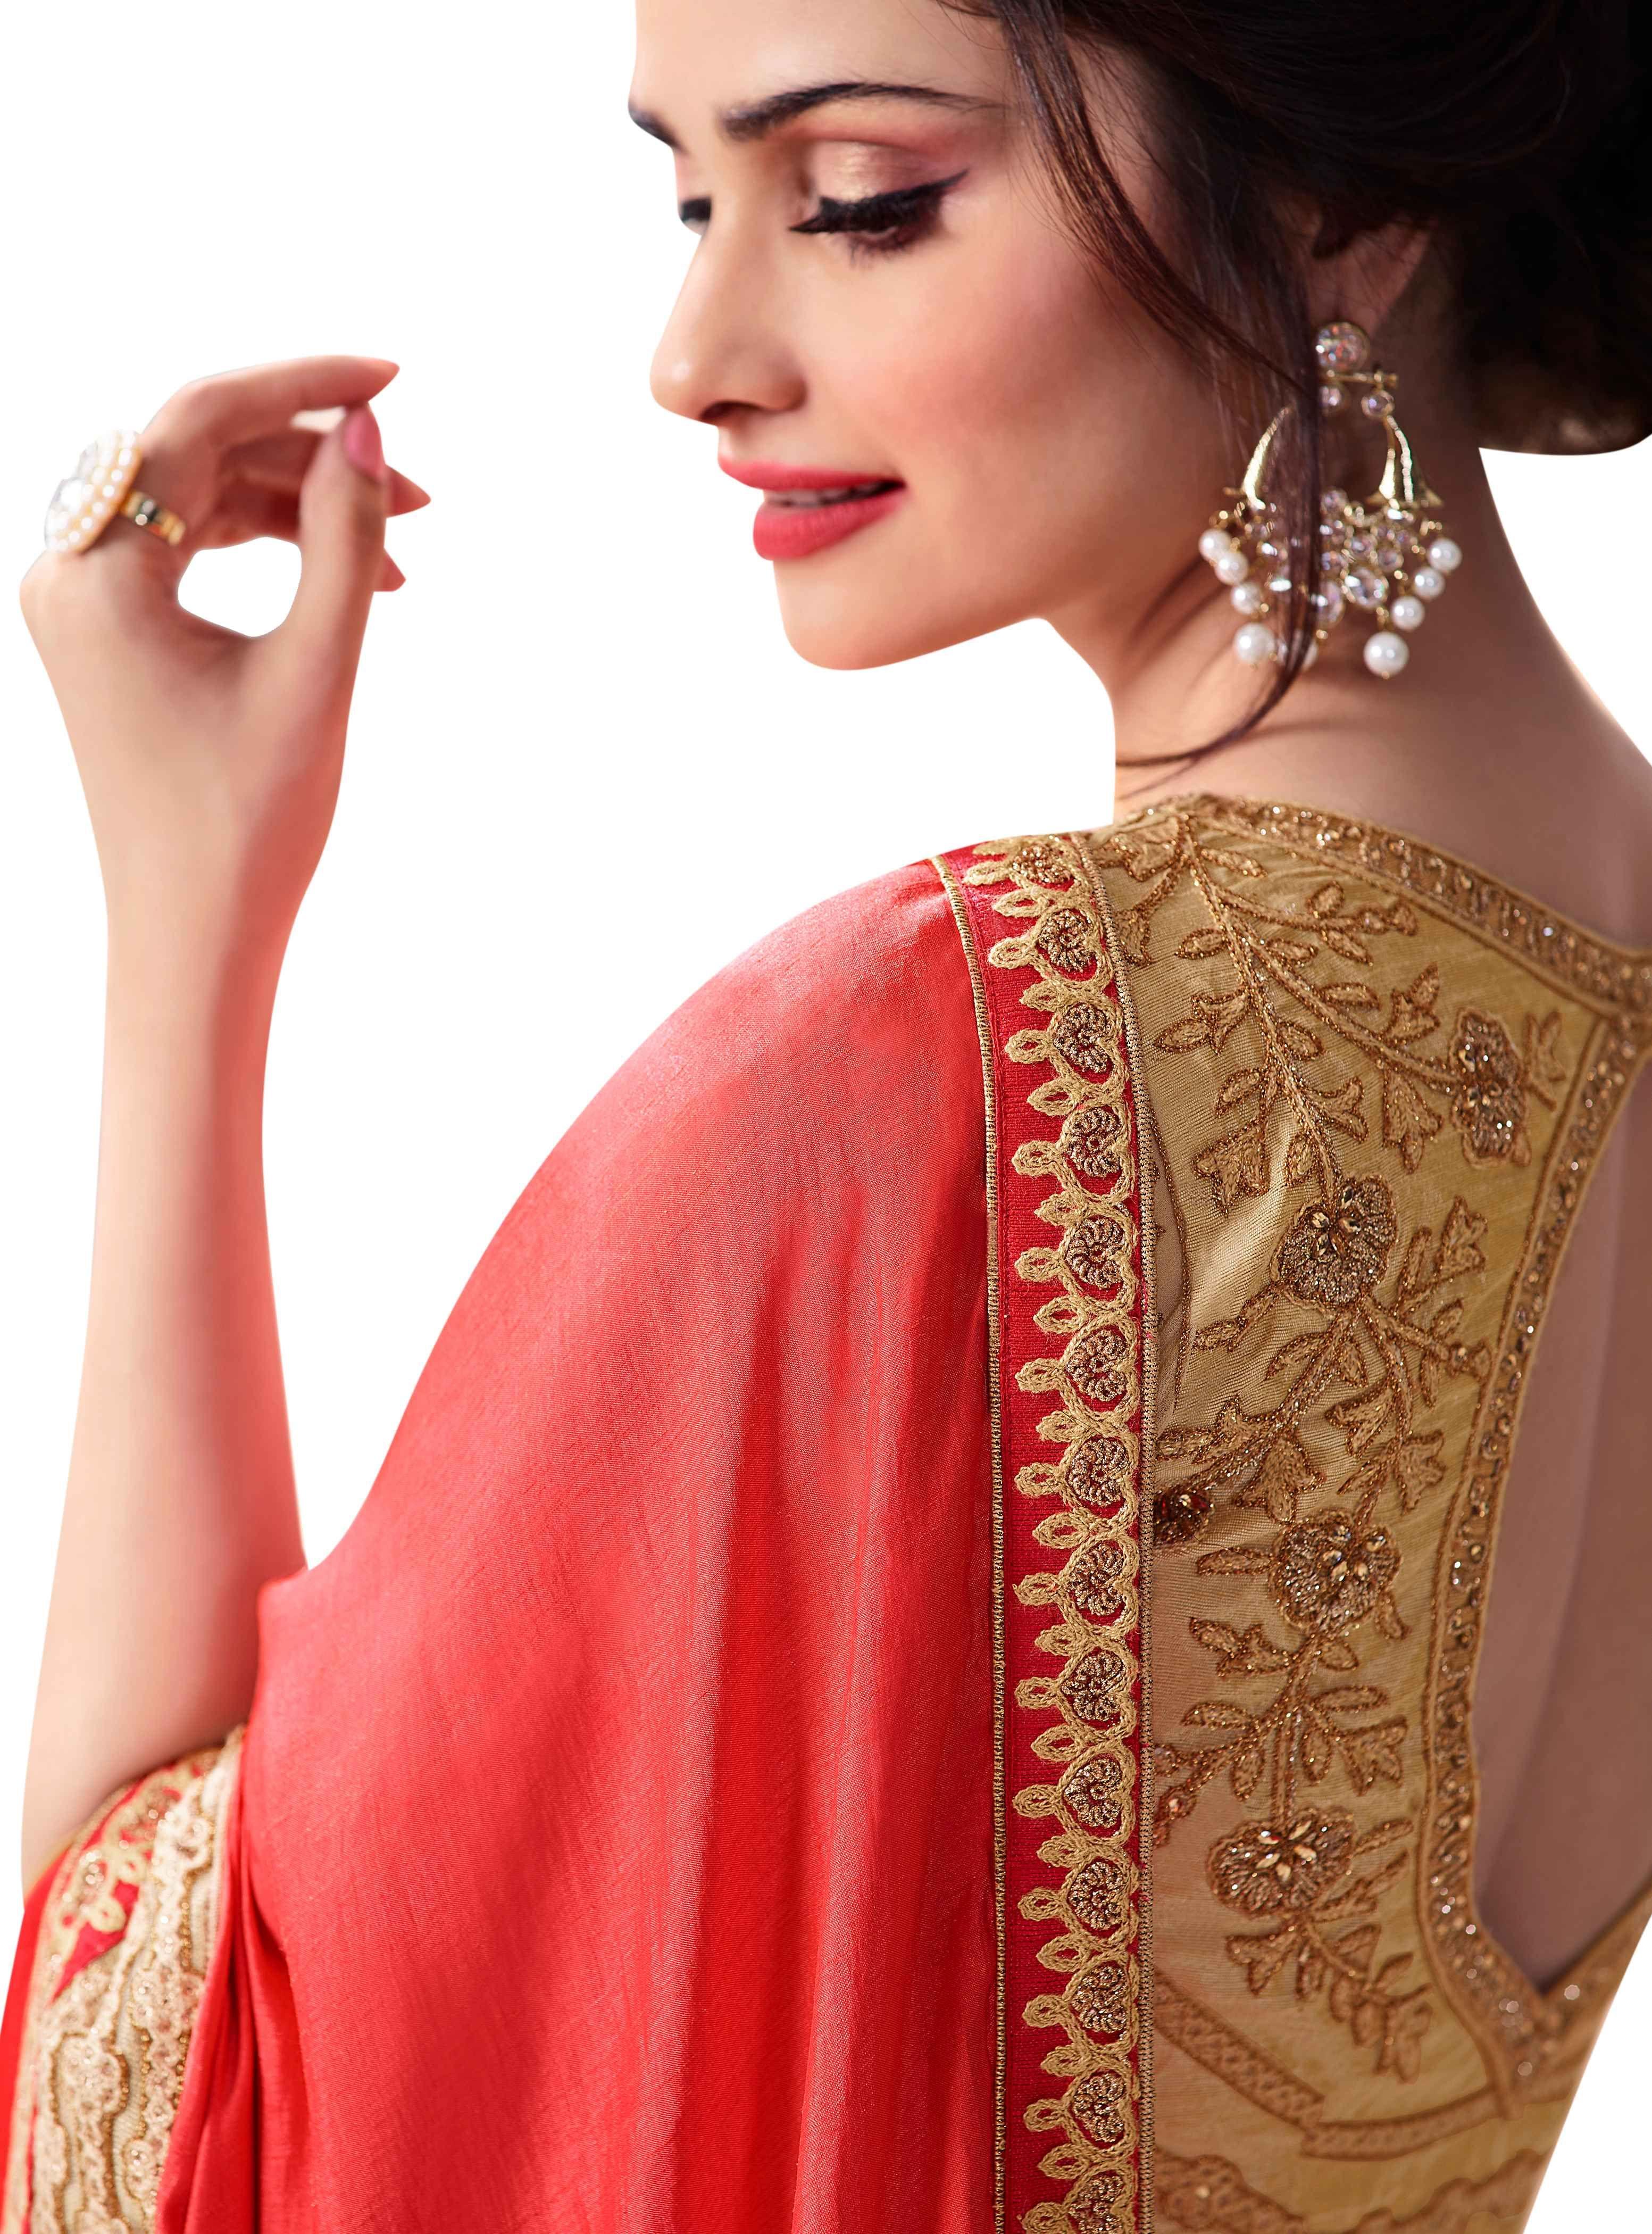 Party Wear Saree Blouse Design Blouse Designs High Neck Blouse Designs Silk Blouse Designs Latest